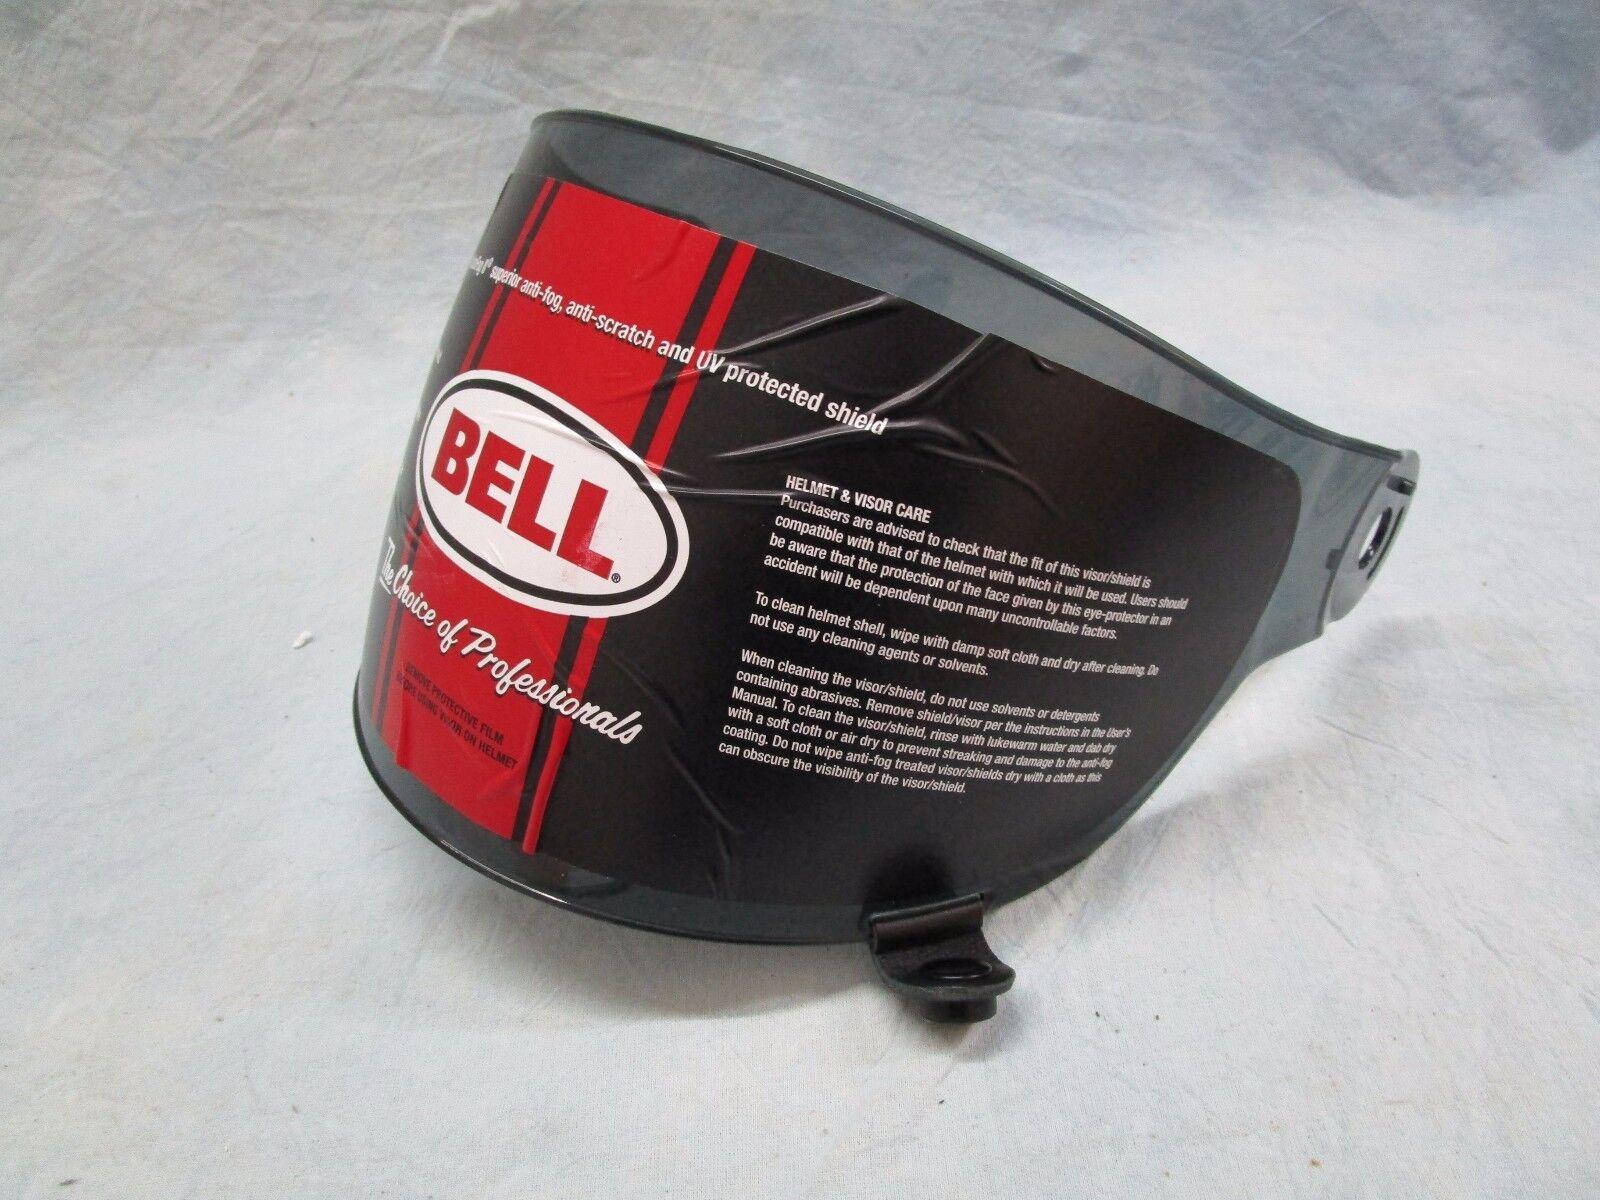 Bell  Sonnenblende NUTRA Nebel II  getönt  | Ausgezeichnet (in) Qualität  | Langfristiger Ruf  | Hohe Qualität  | Einzigartig